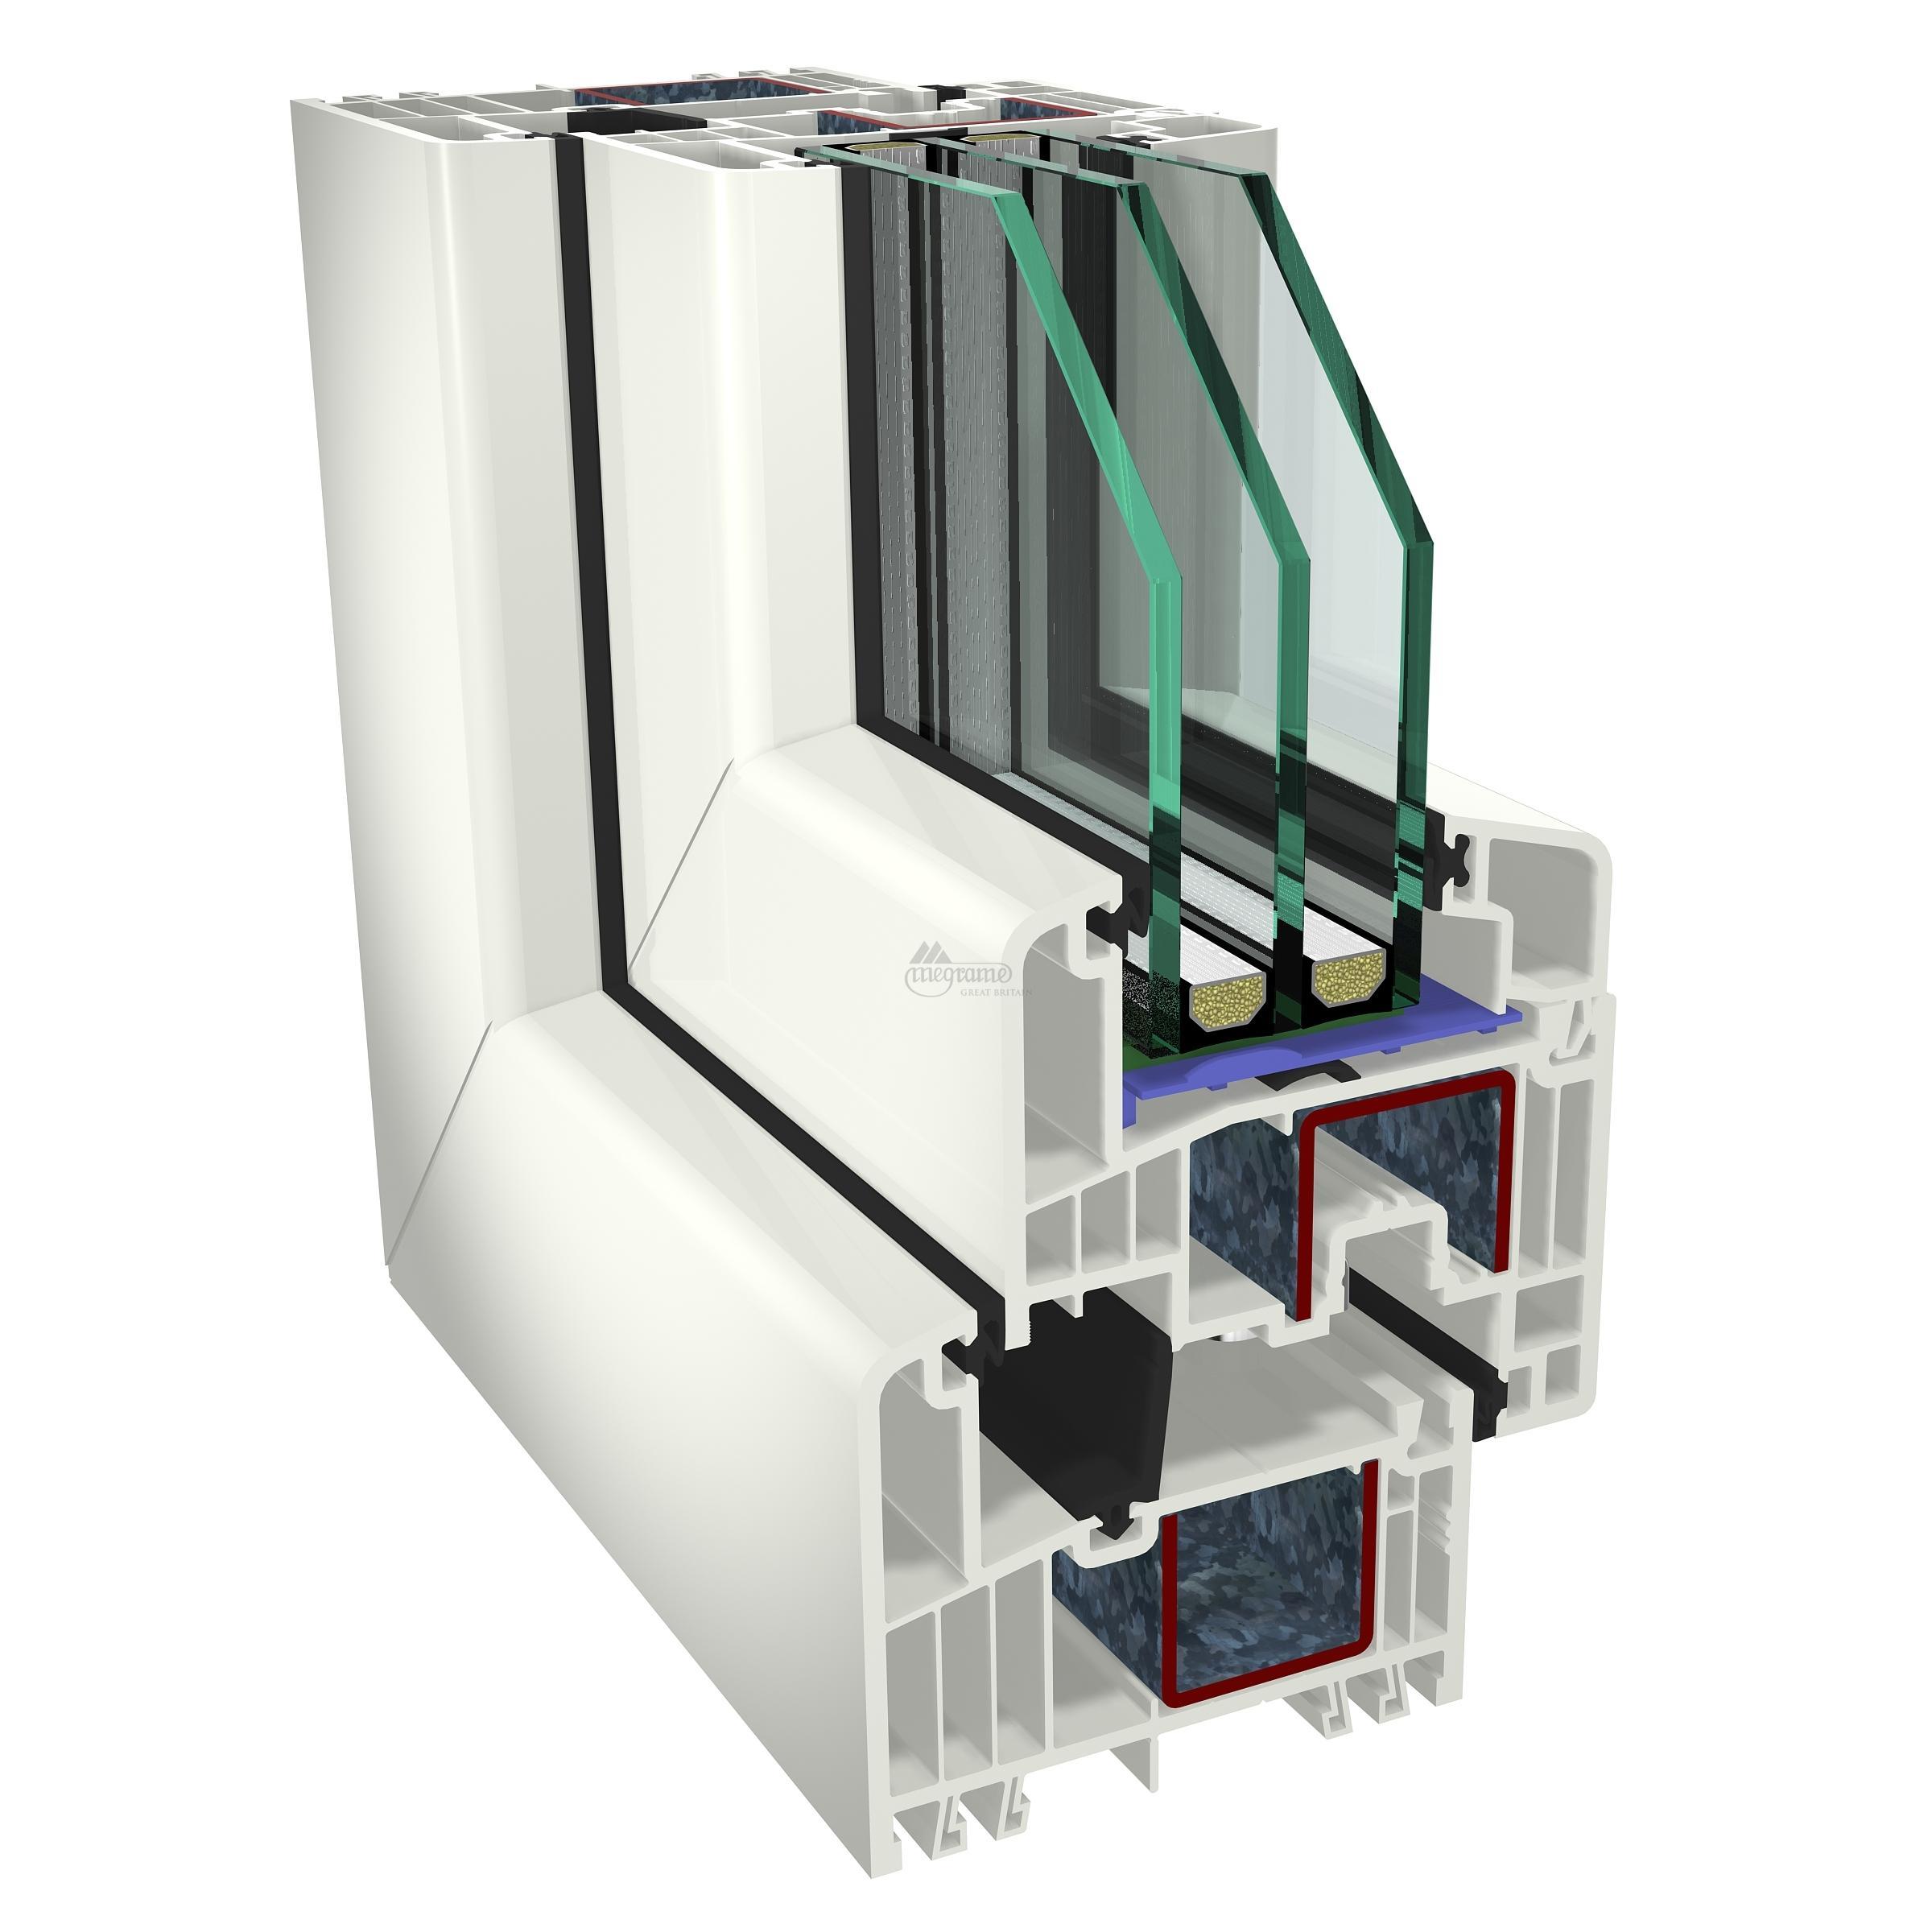 S 9000 - PVC prozori - proizvodnja i prodaja, Serra, Buje / Umag, Istra, Hrvatska